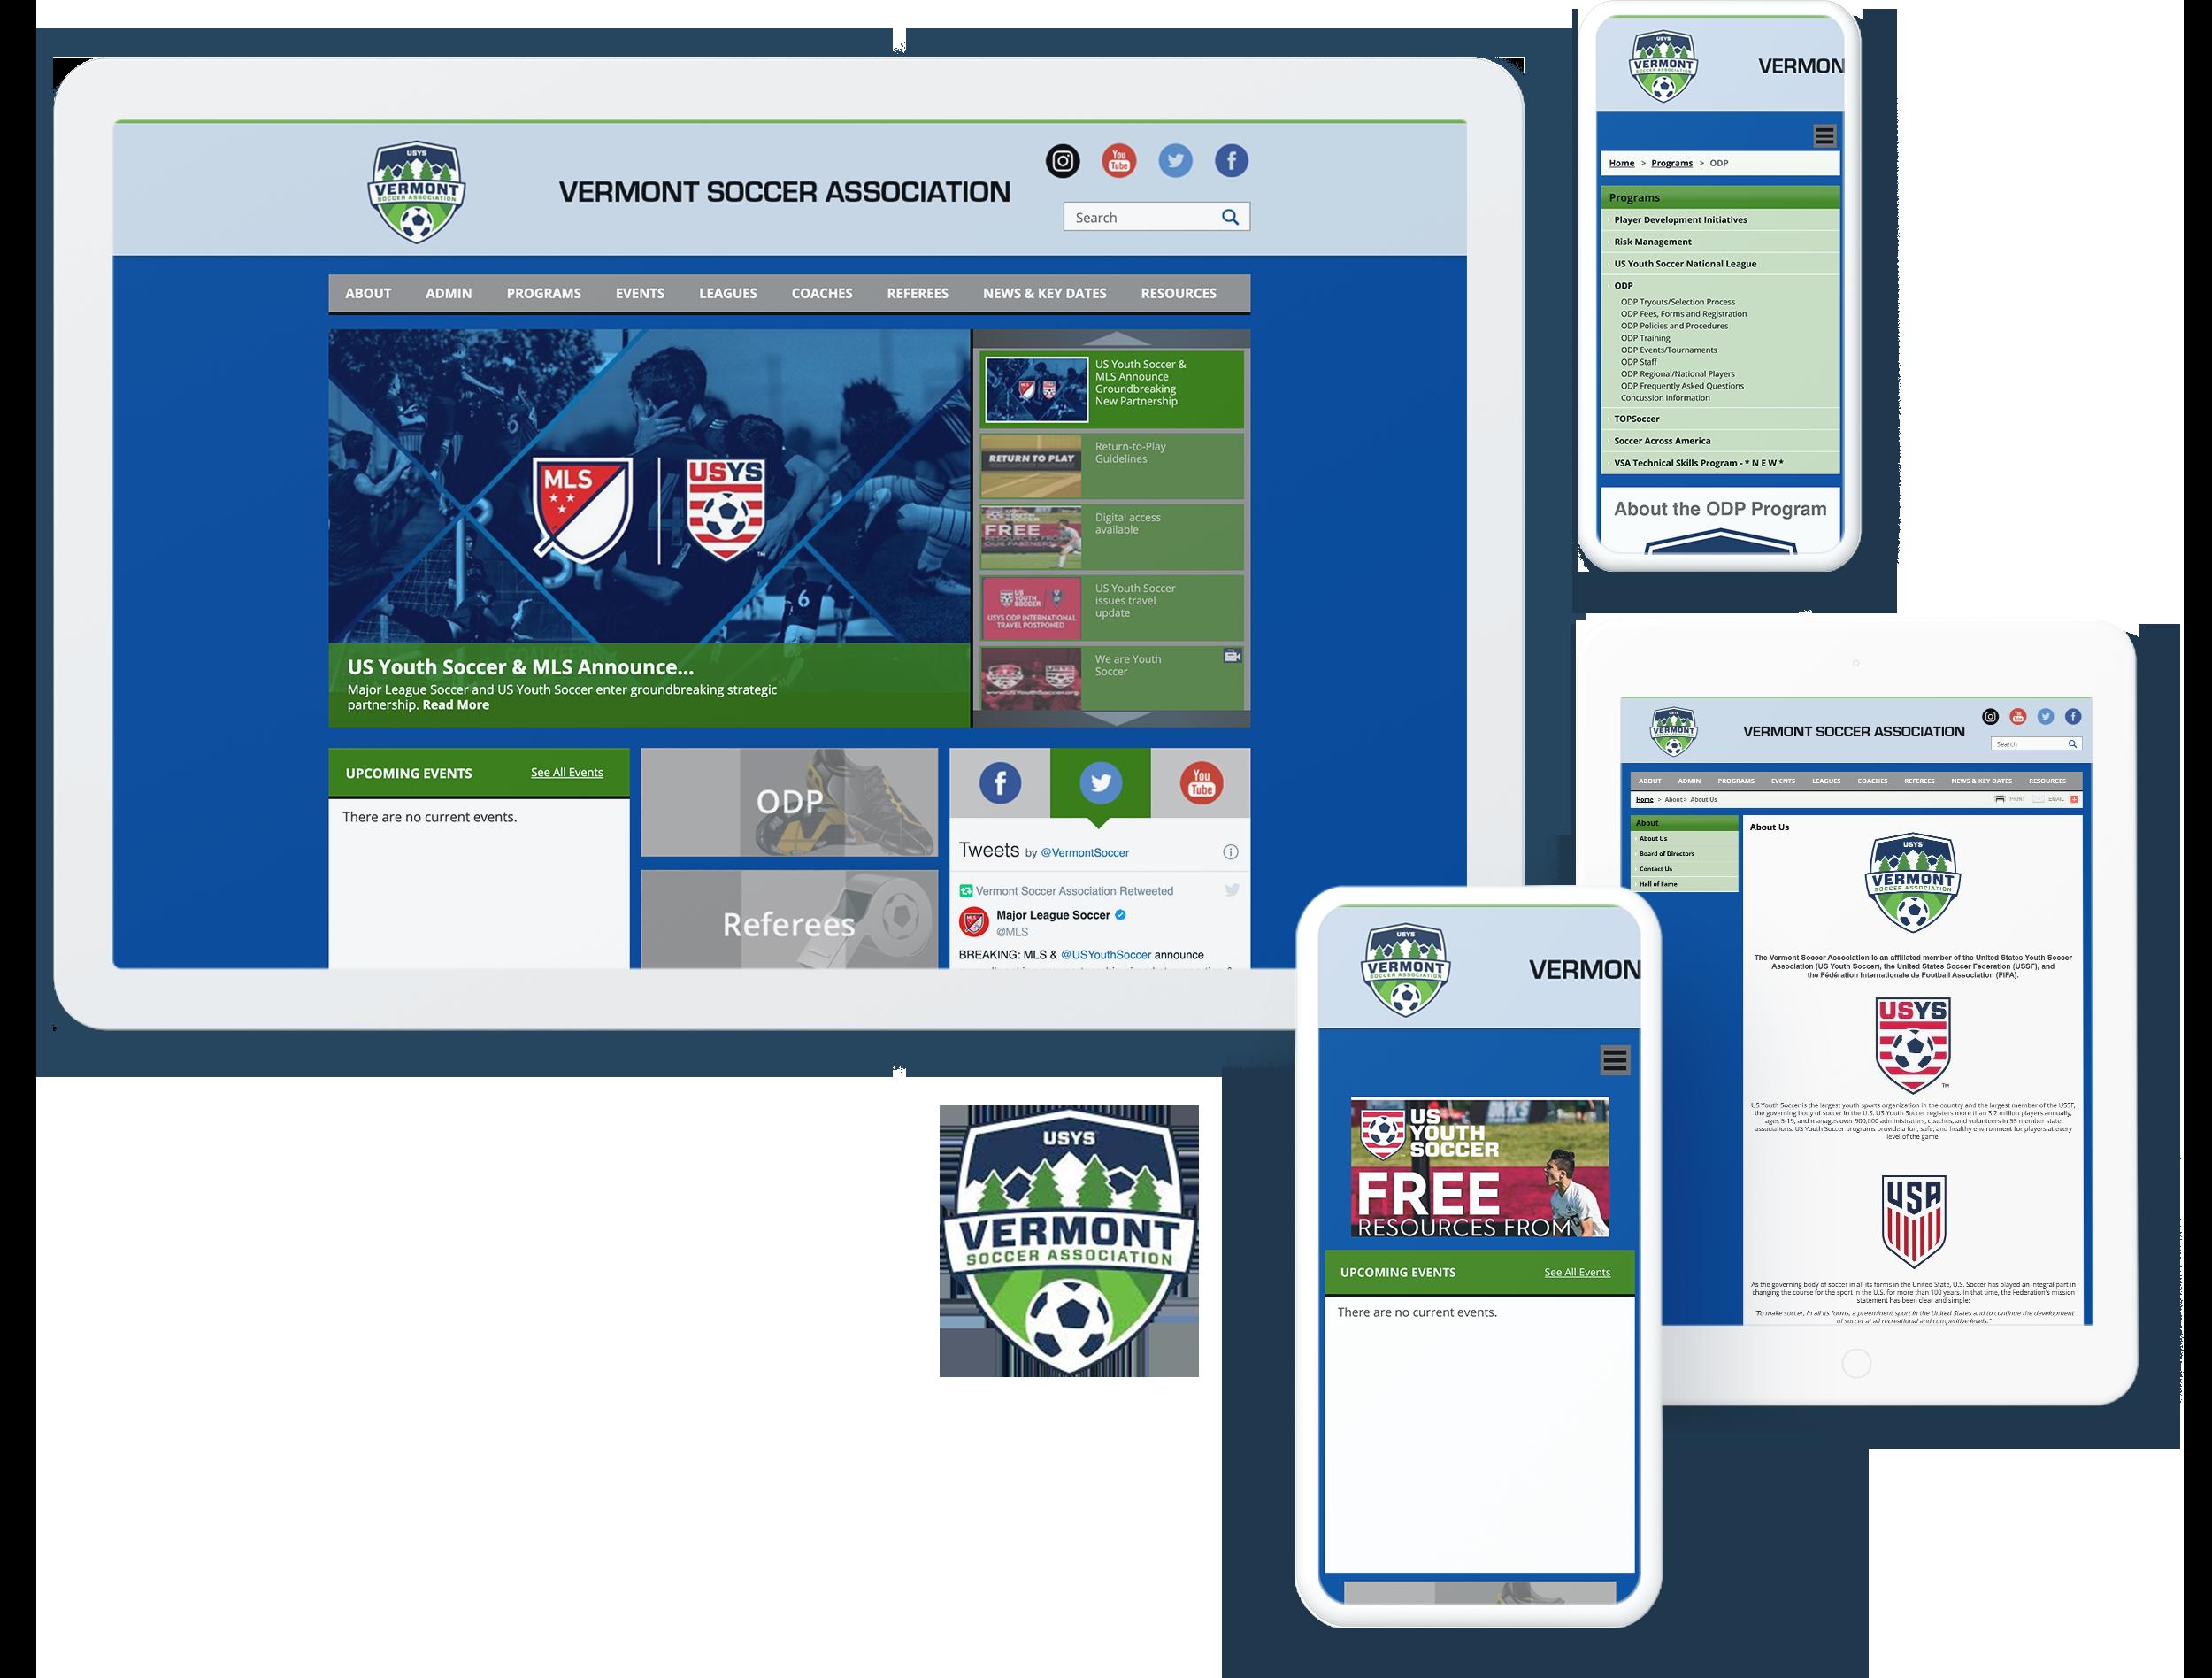 vermont soccer association spotlight